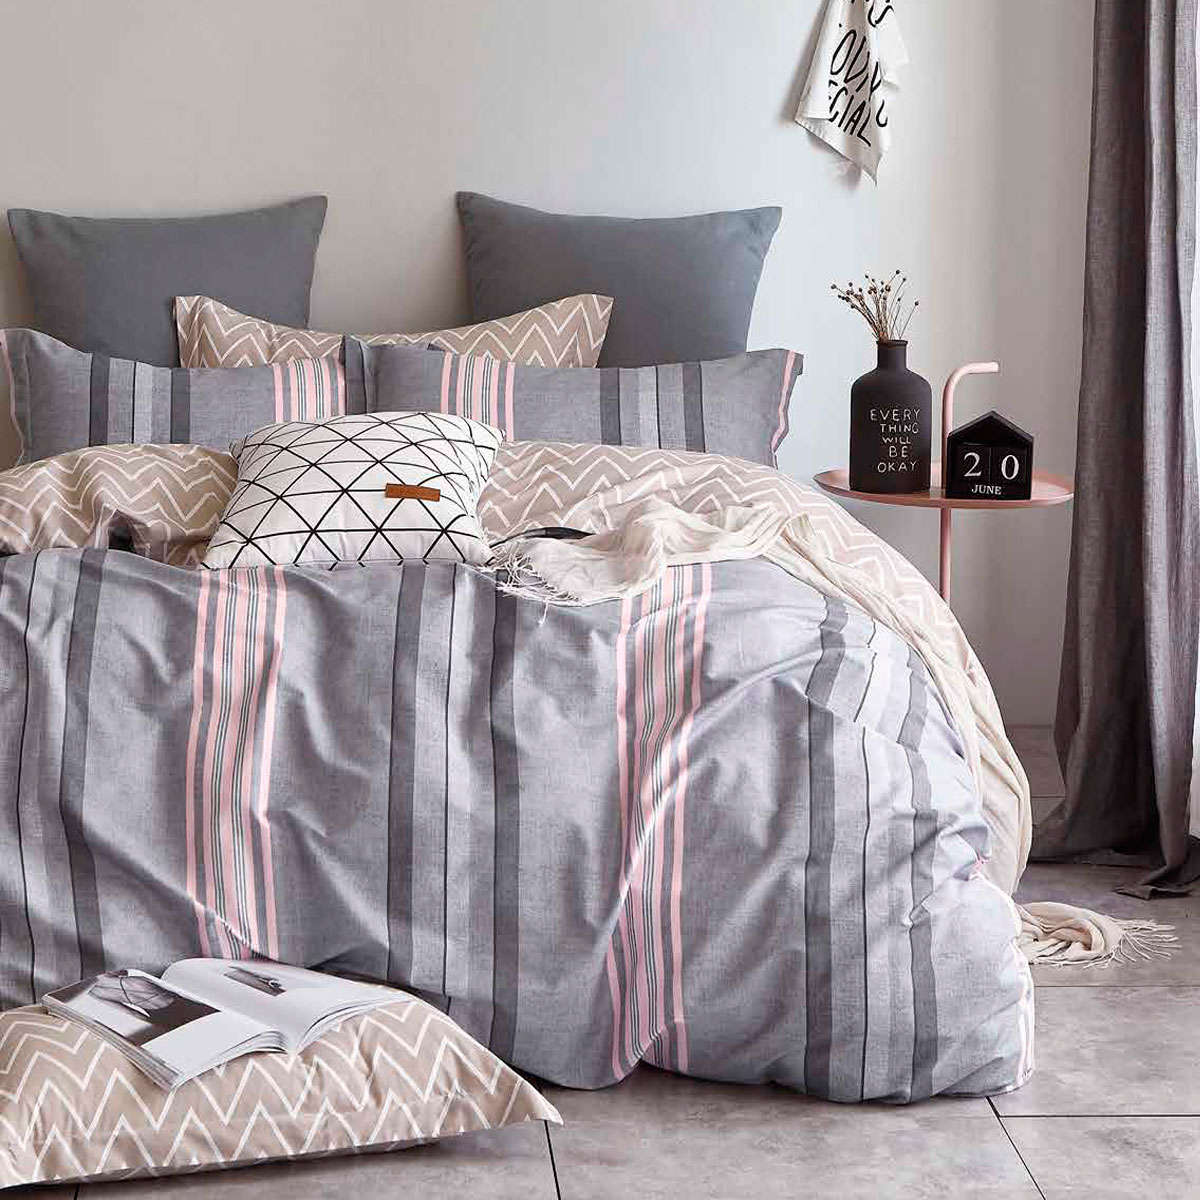 Κουβερλί Σετ 3τμχ 1250 Grey – Pink Homeline Διπλό 220x240cm